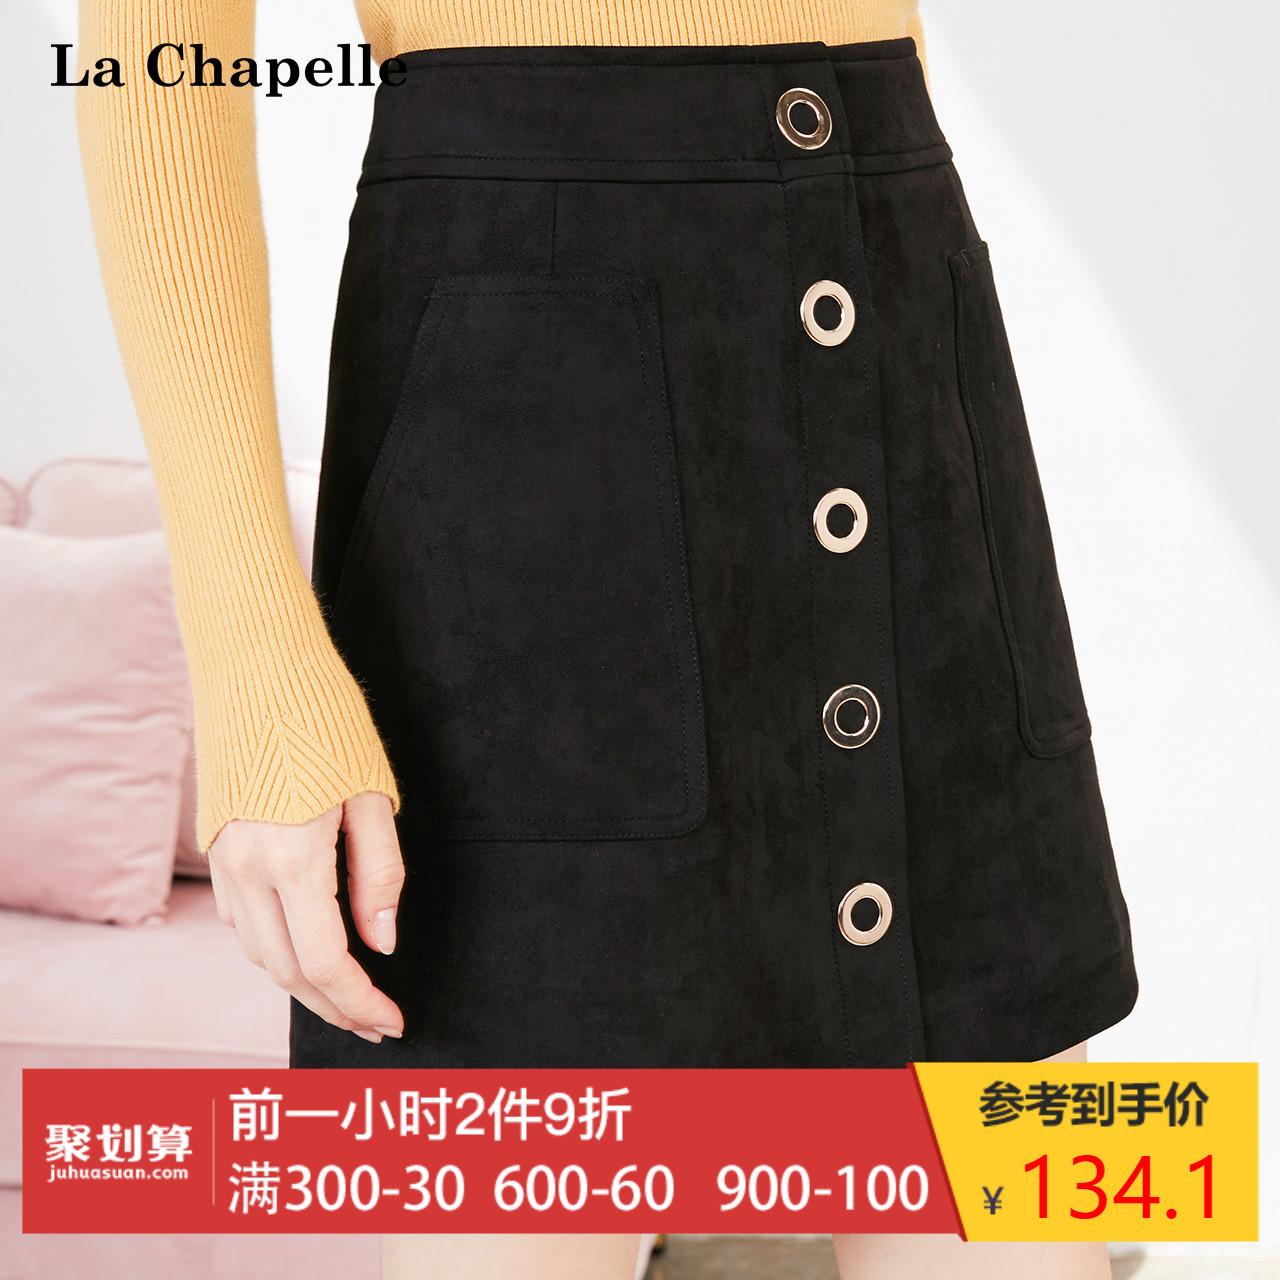 黑色短裙女2018冬季新款秋高腰修身半身裙时尚a字裙包臀一步裙子